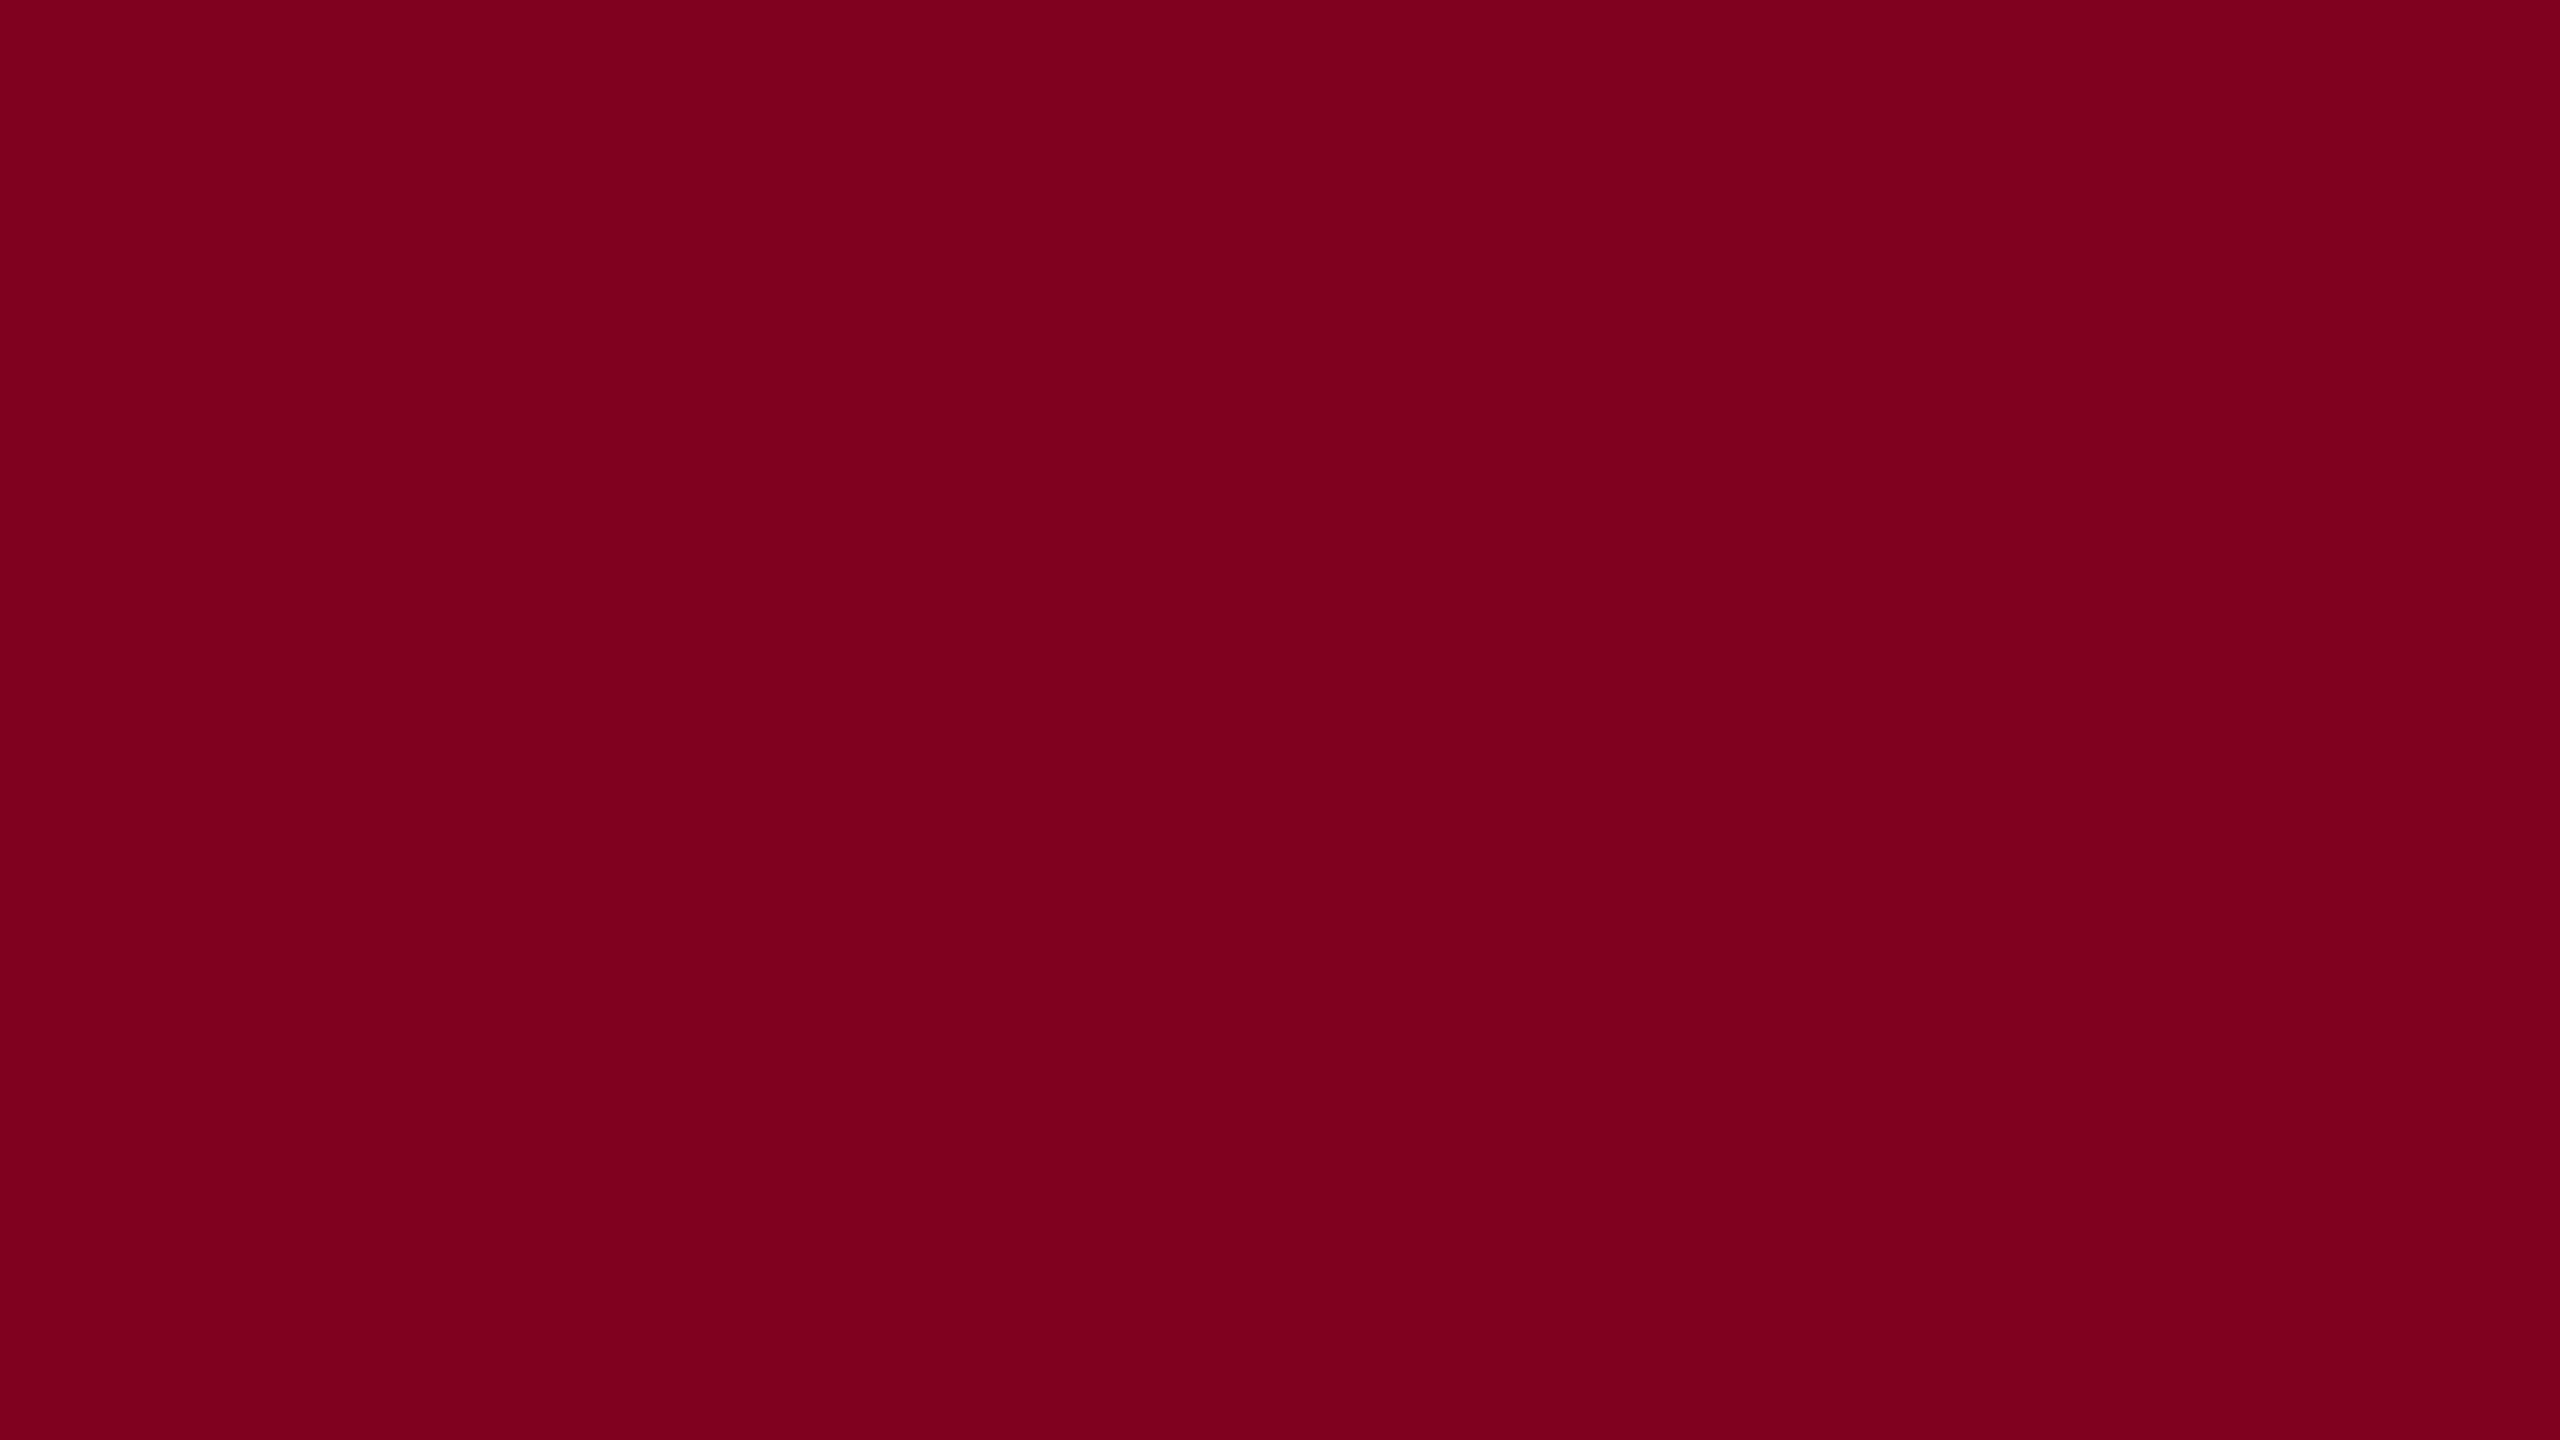 Burgundy Wallpaper Images - WallpaperSafari